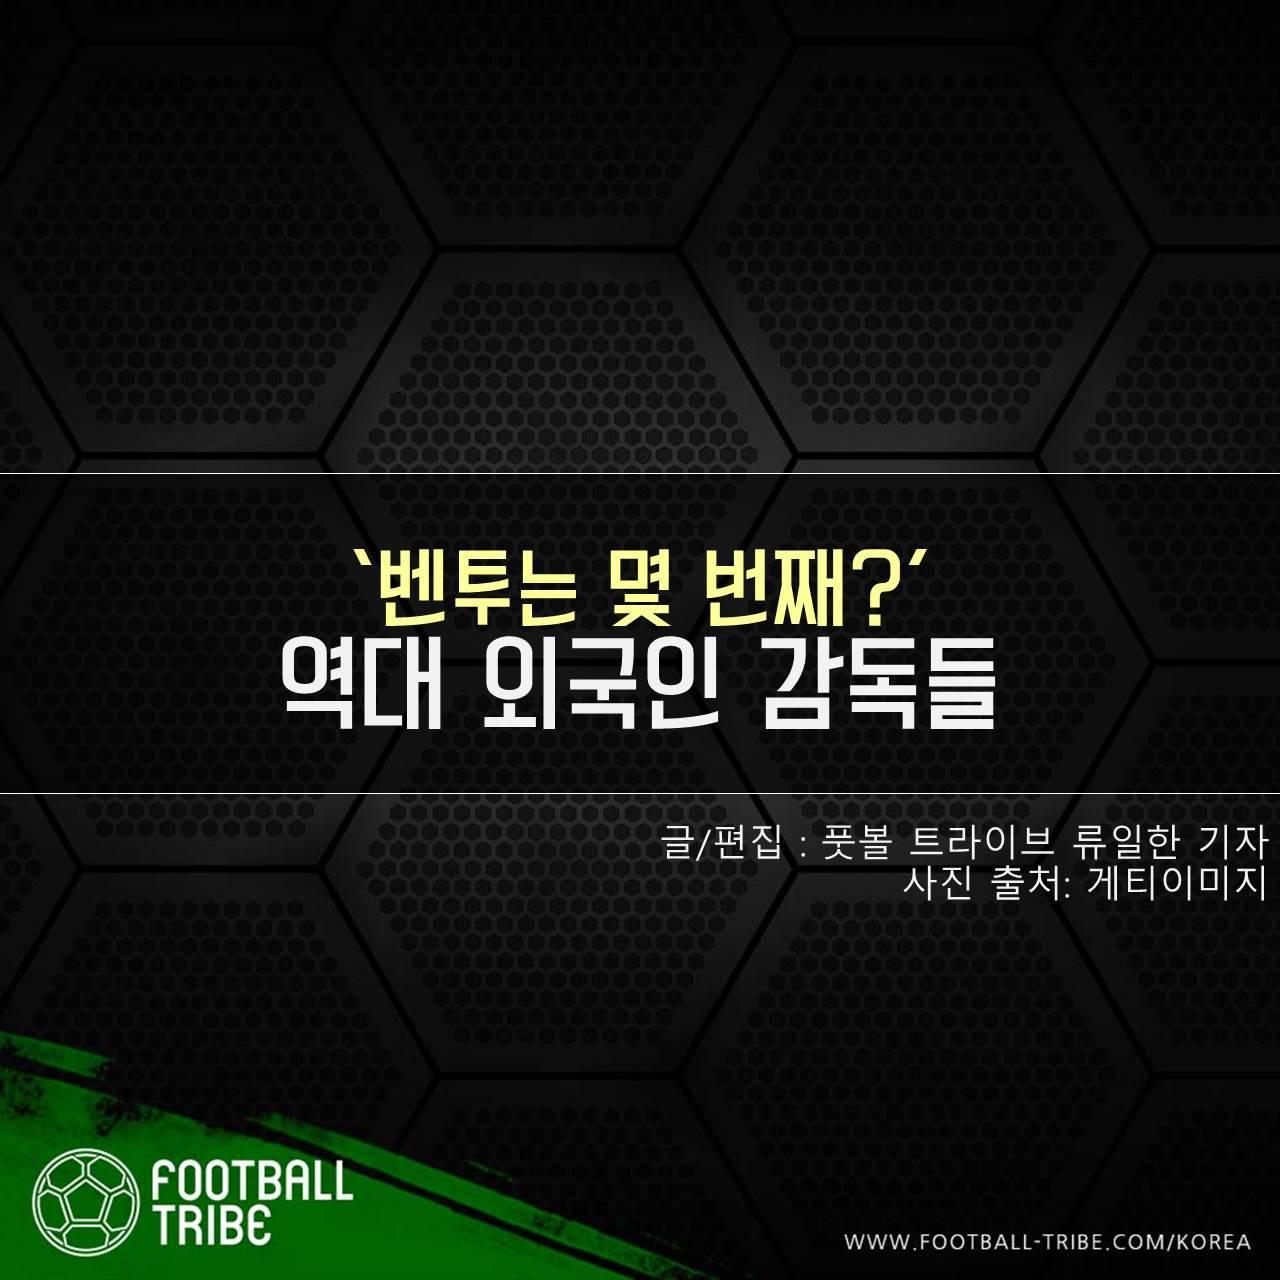 [카드 뉴스] '벤투는 몇 번째?' 역대 외국인 감독들